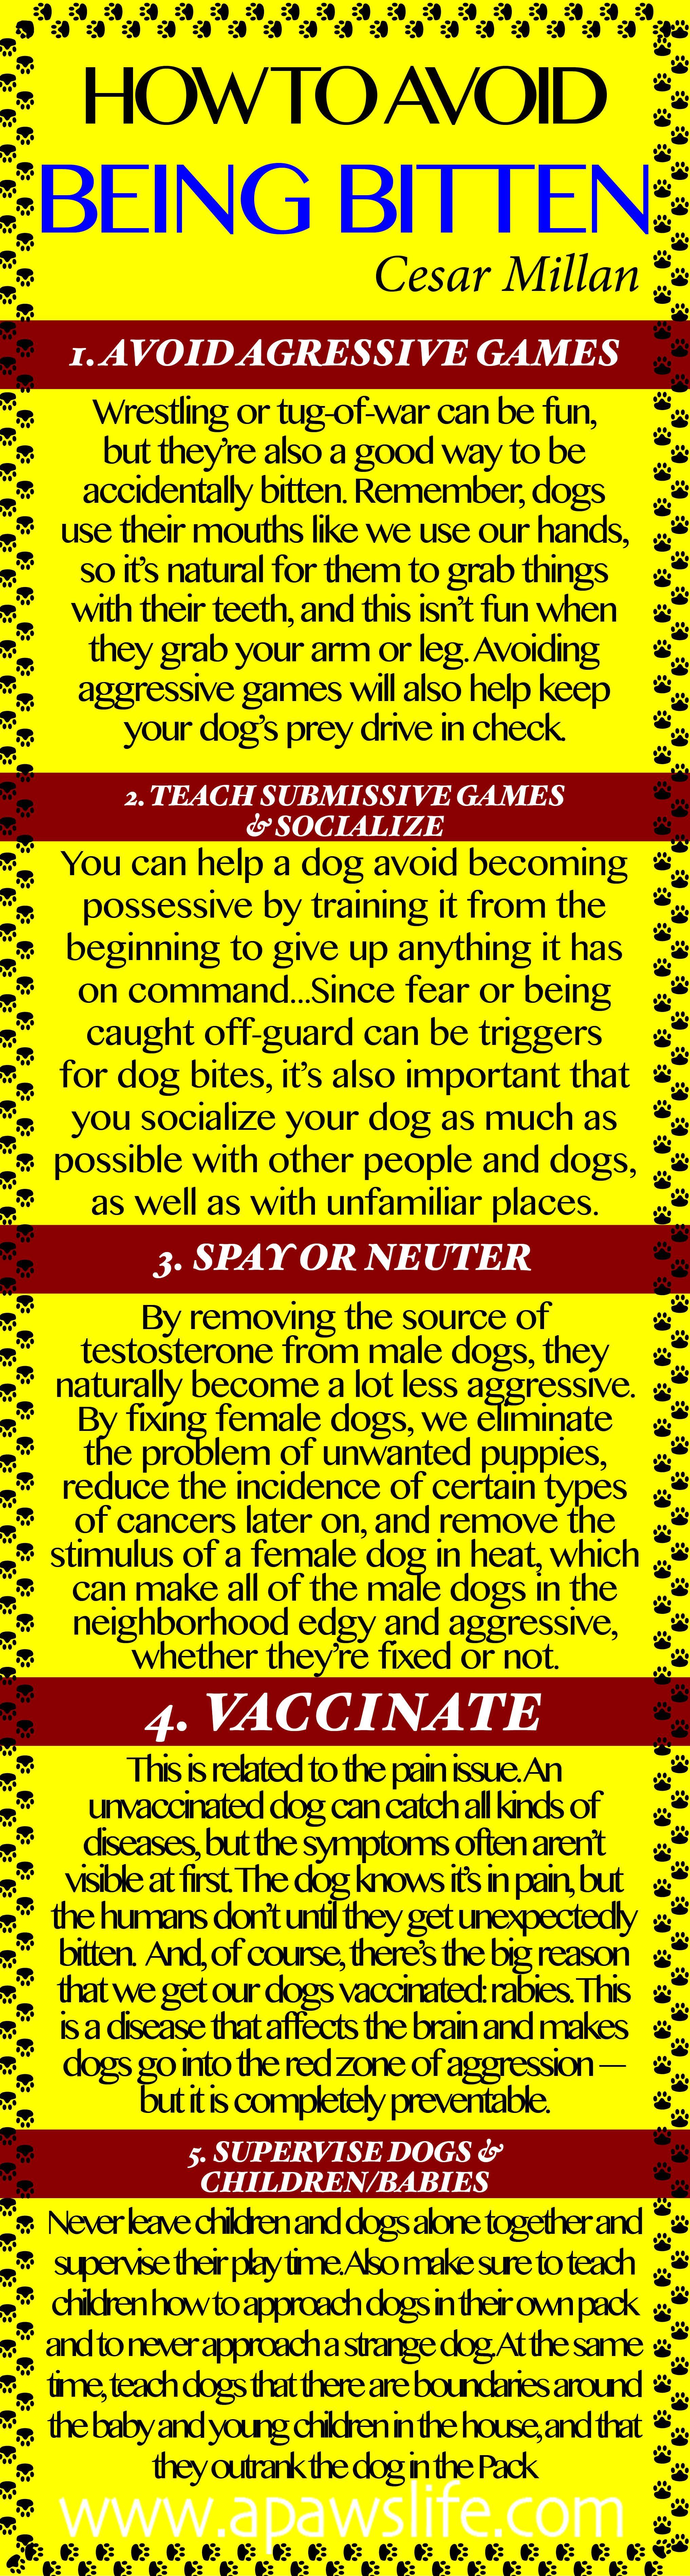 cesar millan how to stop your dog biting